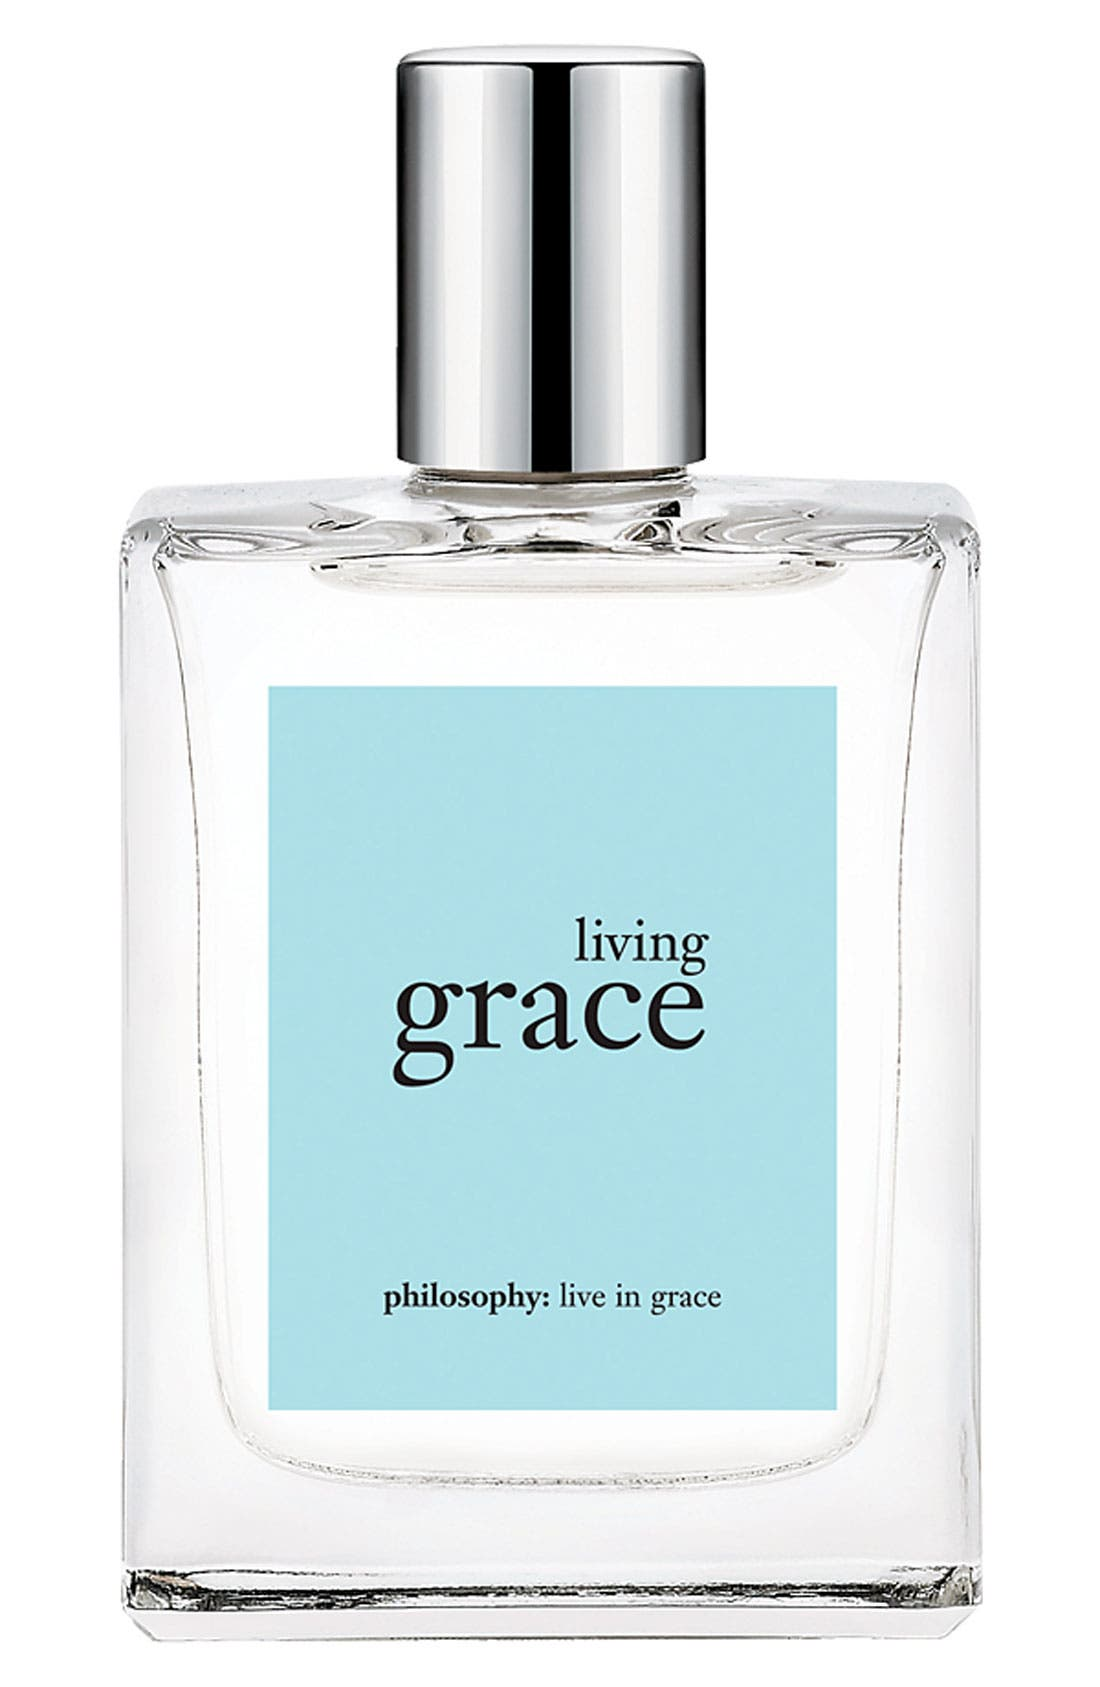 philosophy 'living grace' eau de toilette